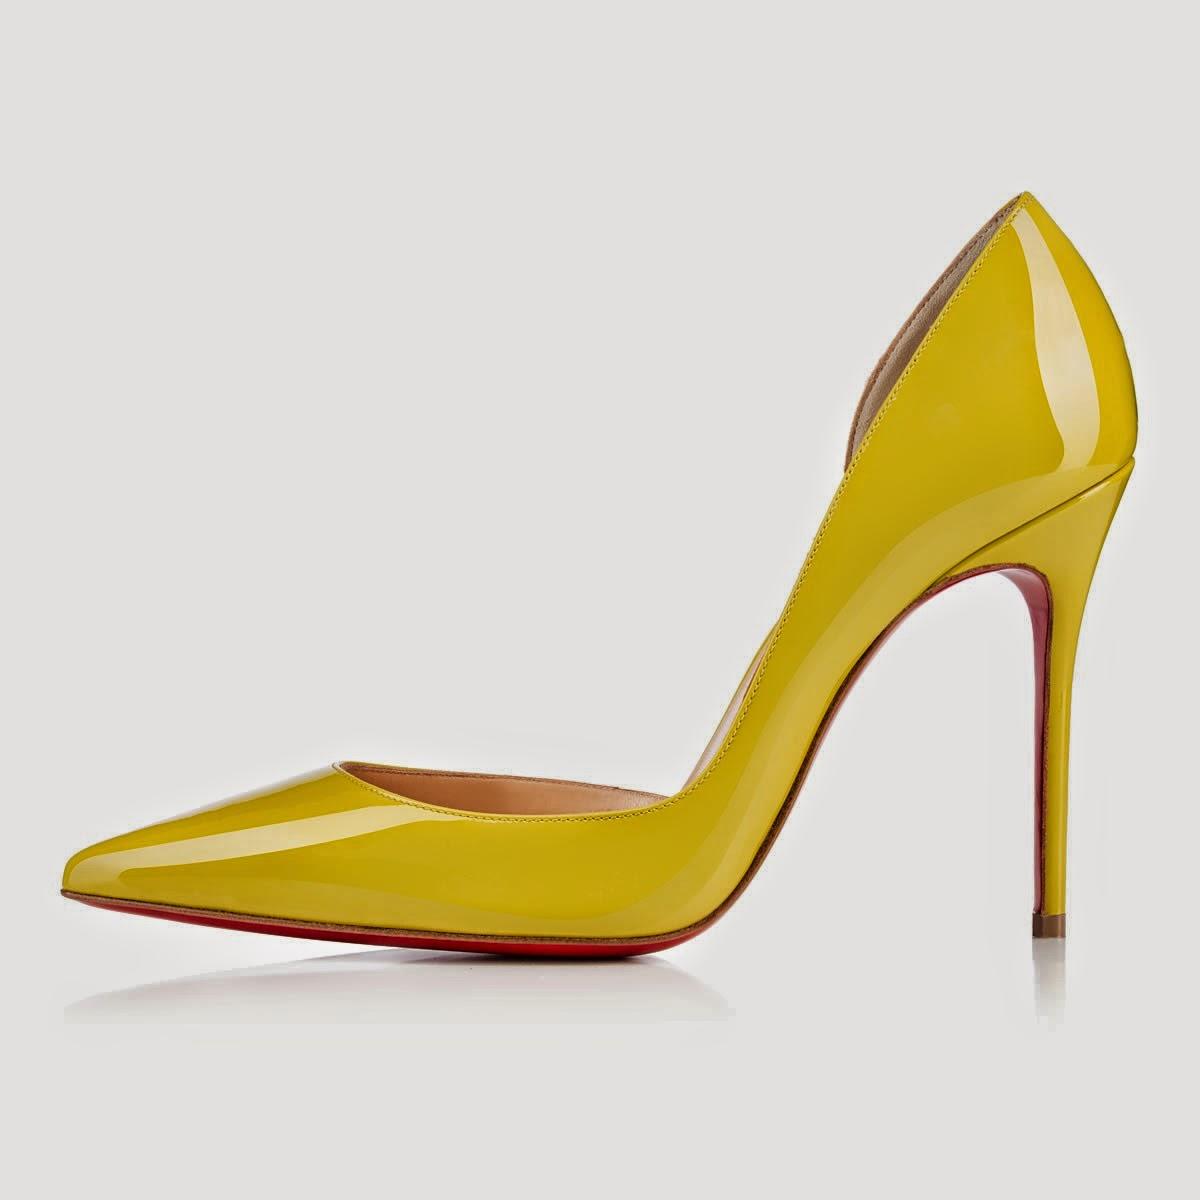 pictures Le nuove scarpe Louboutin della serie LOVE sono un omaggio e un abbraccio mega a Lady Diana